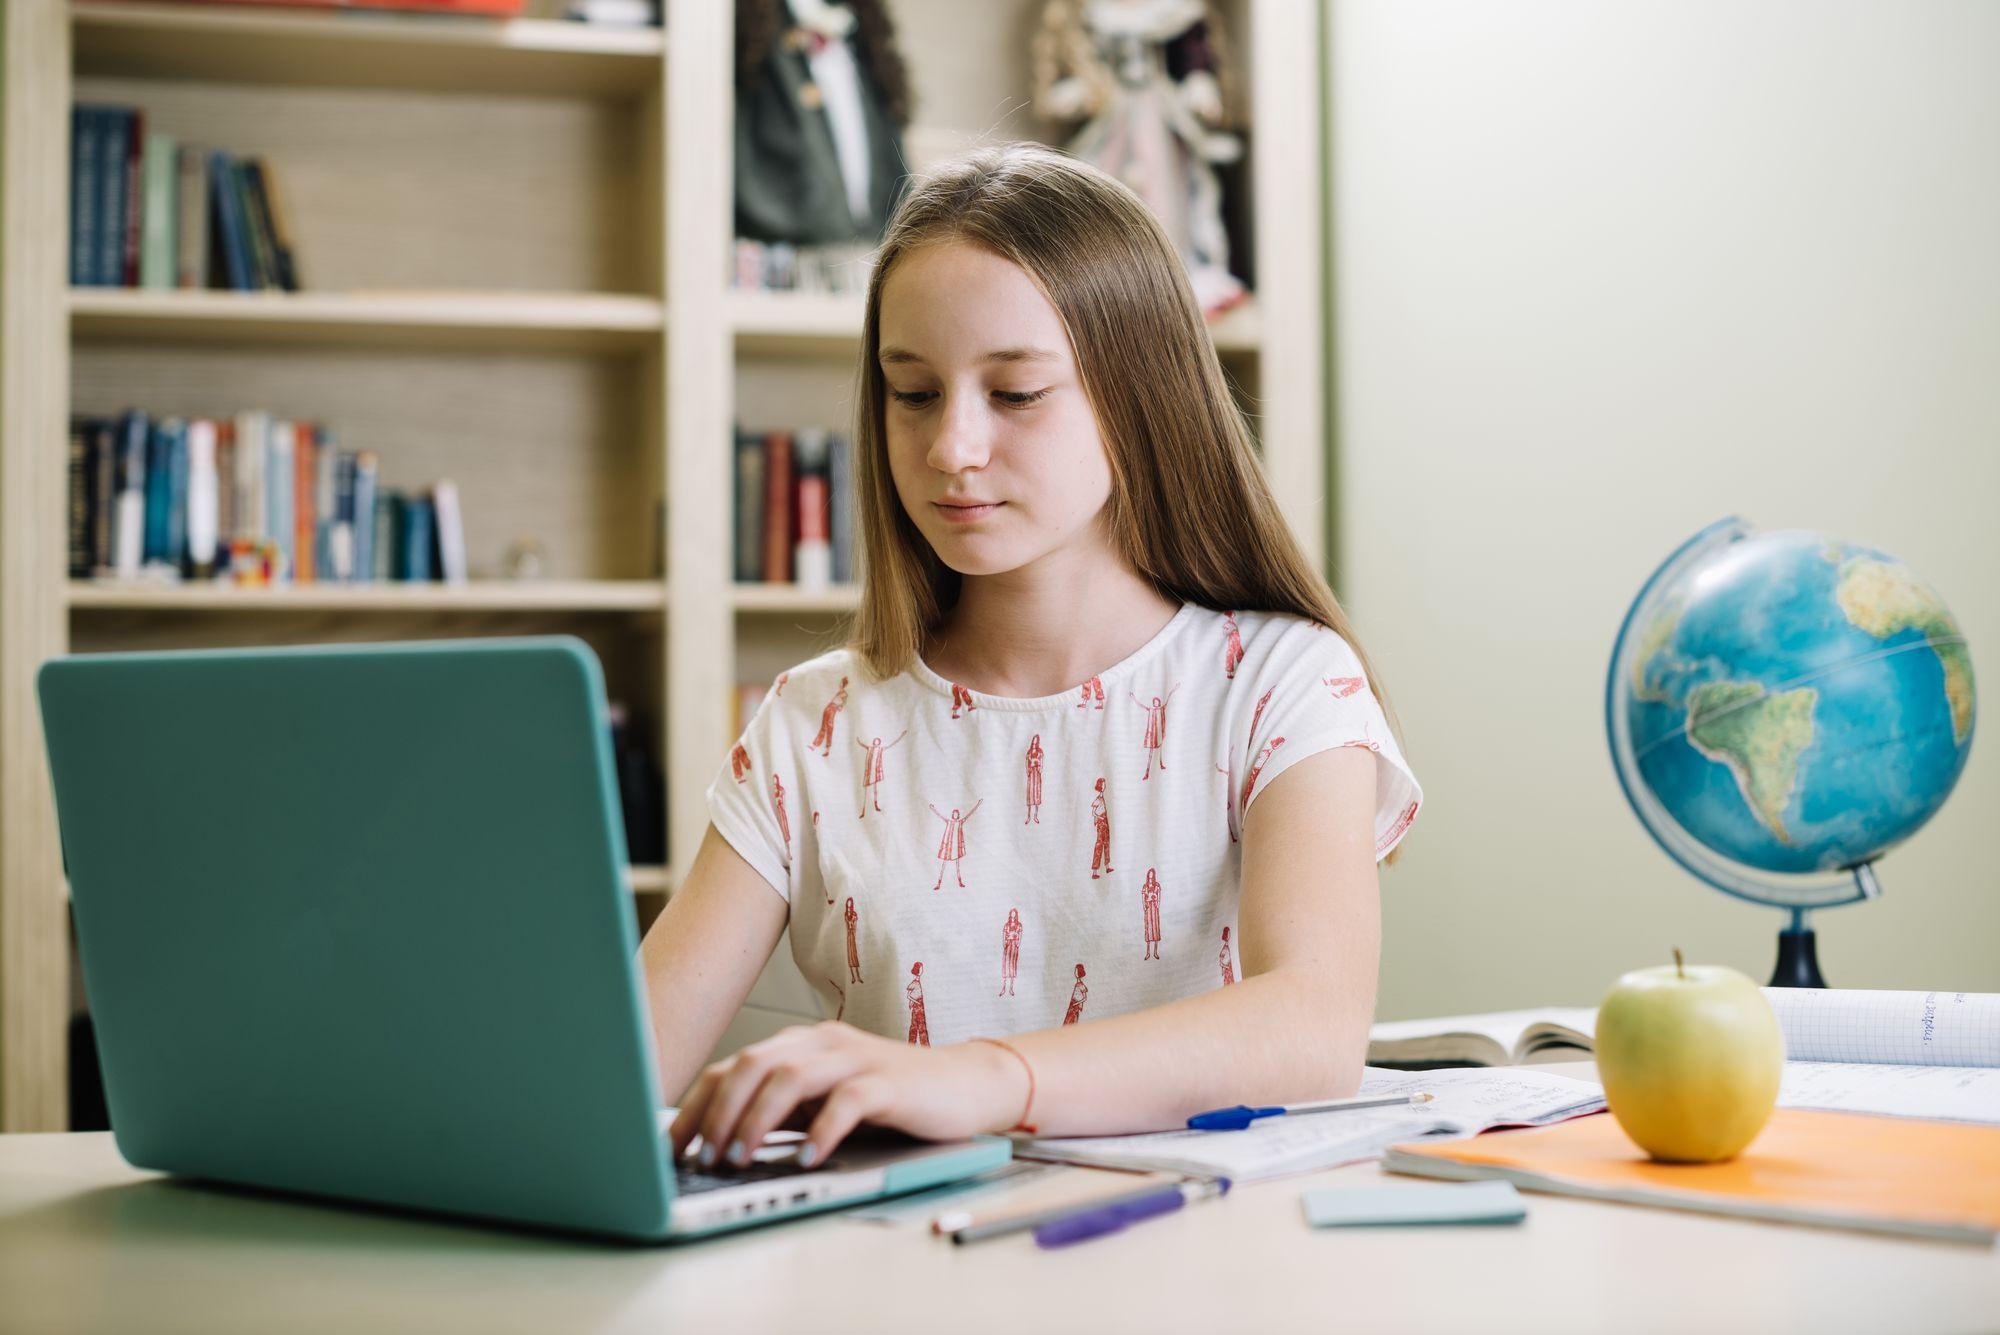 Dziewczynka odrabiająca lekcje na laptopie